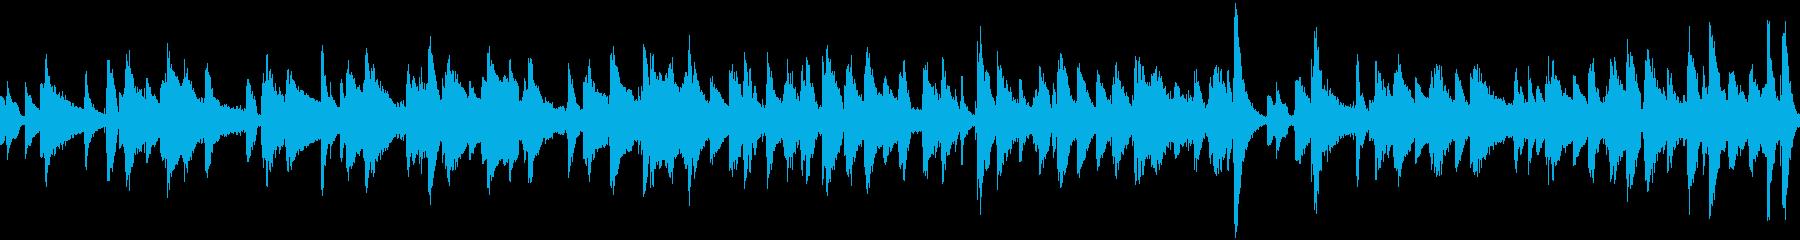 遊び心のあるピアノメインのジャズトリオの再生済みの波形